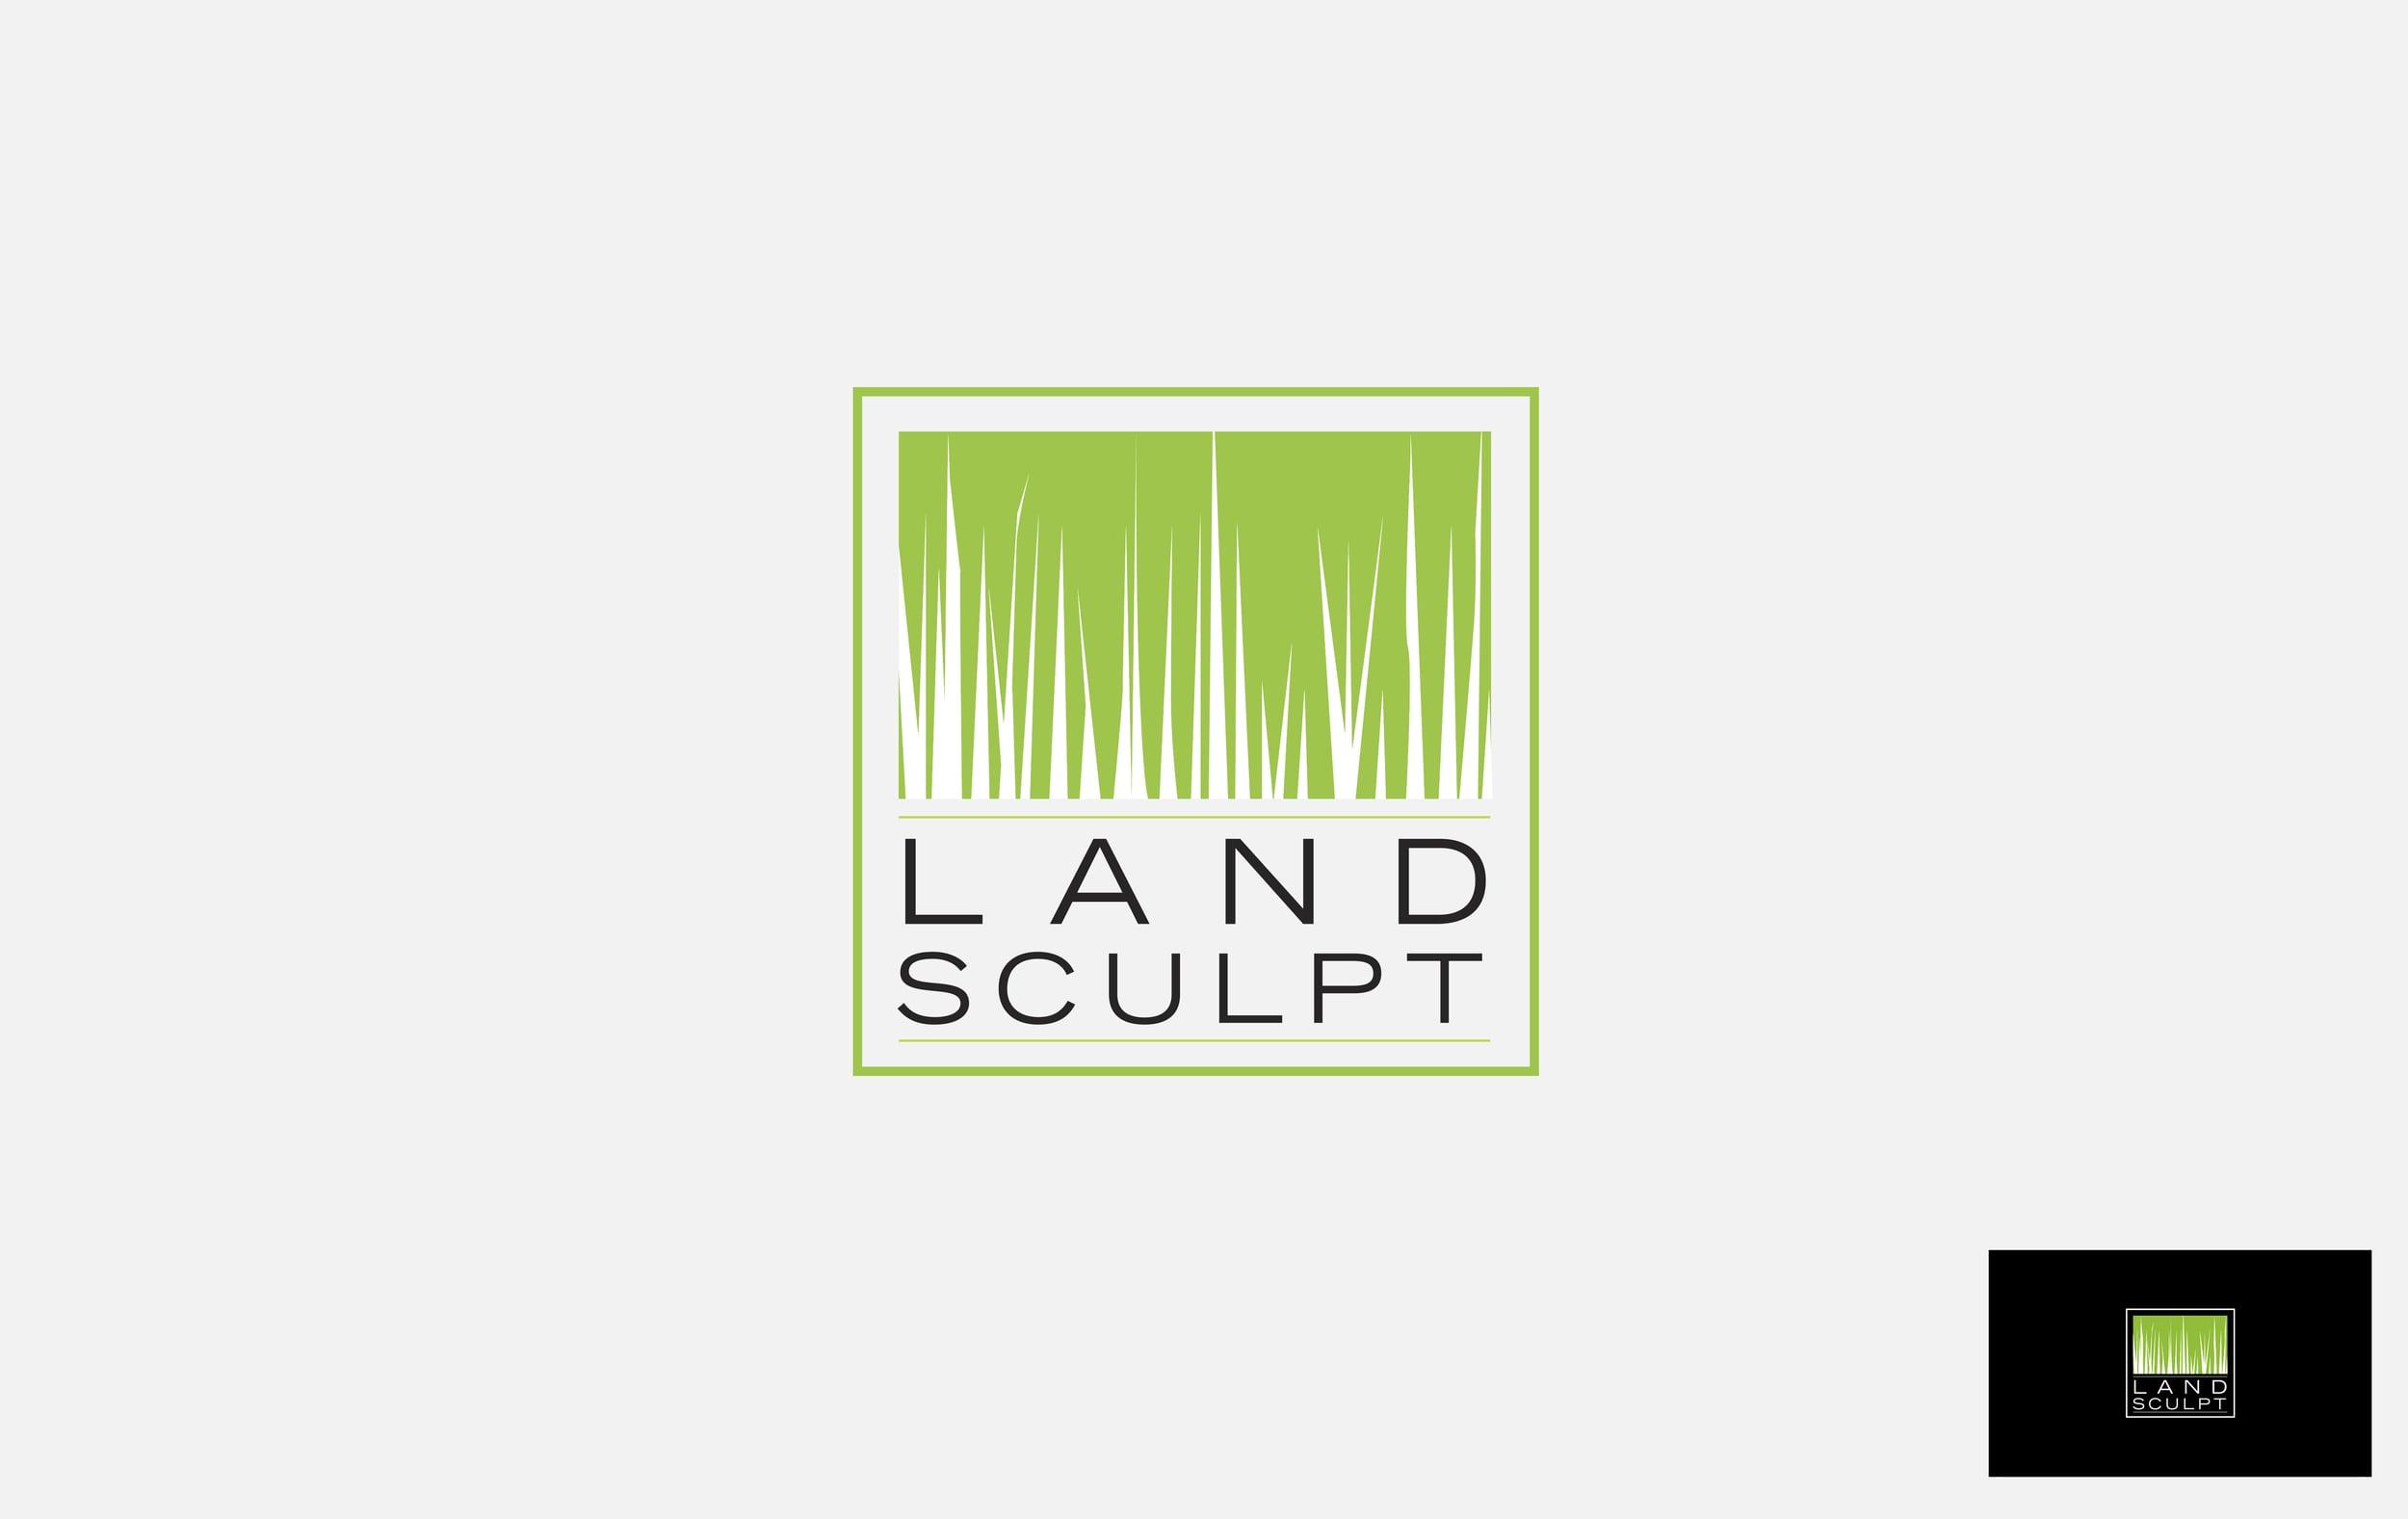 landsculpt.jpg